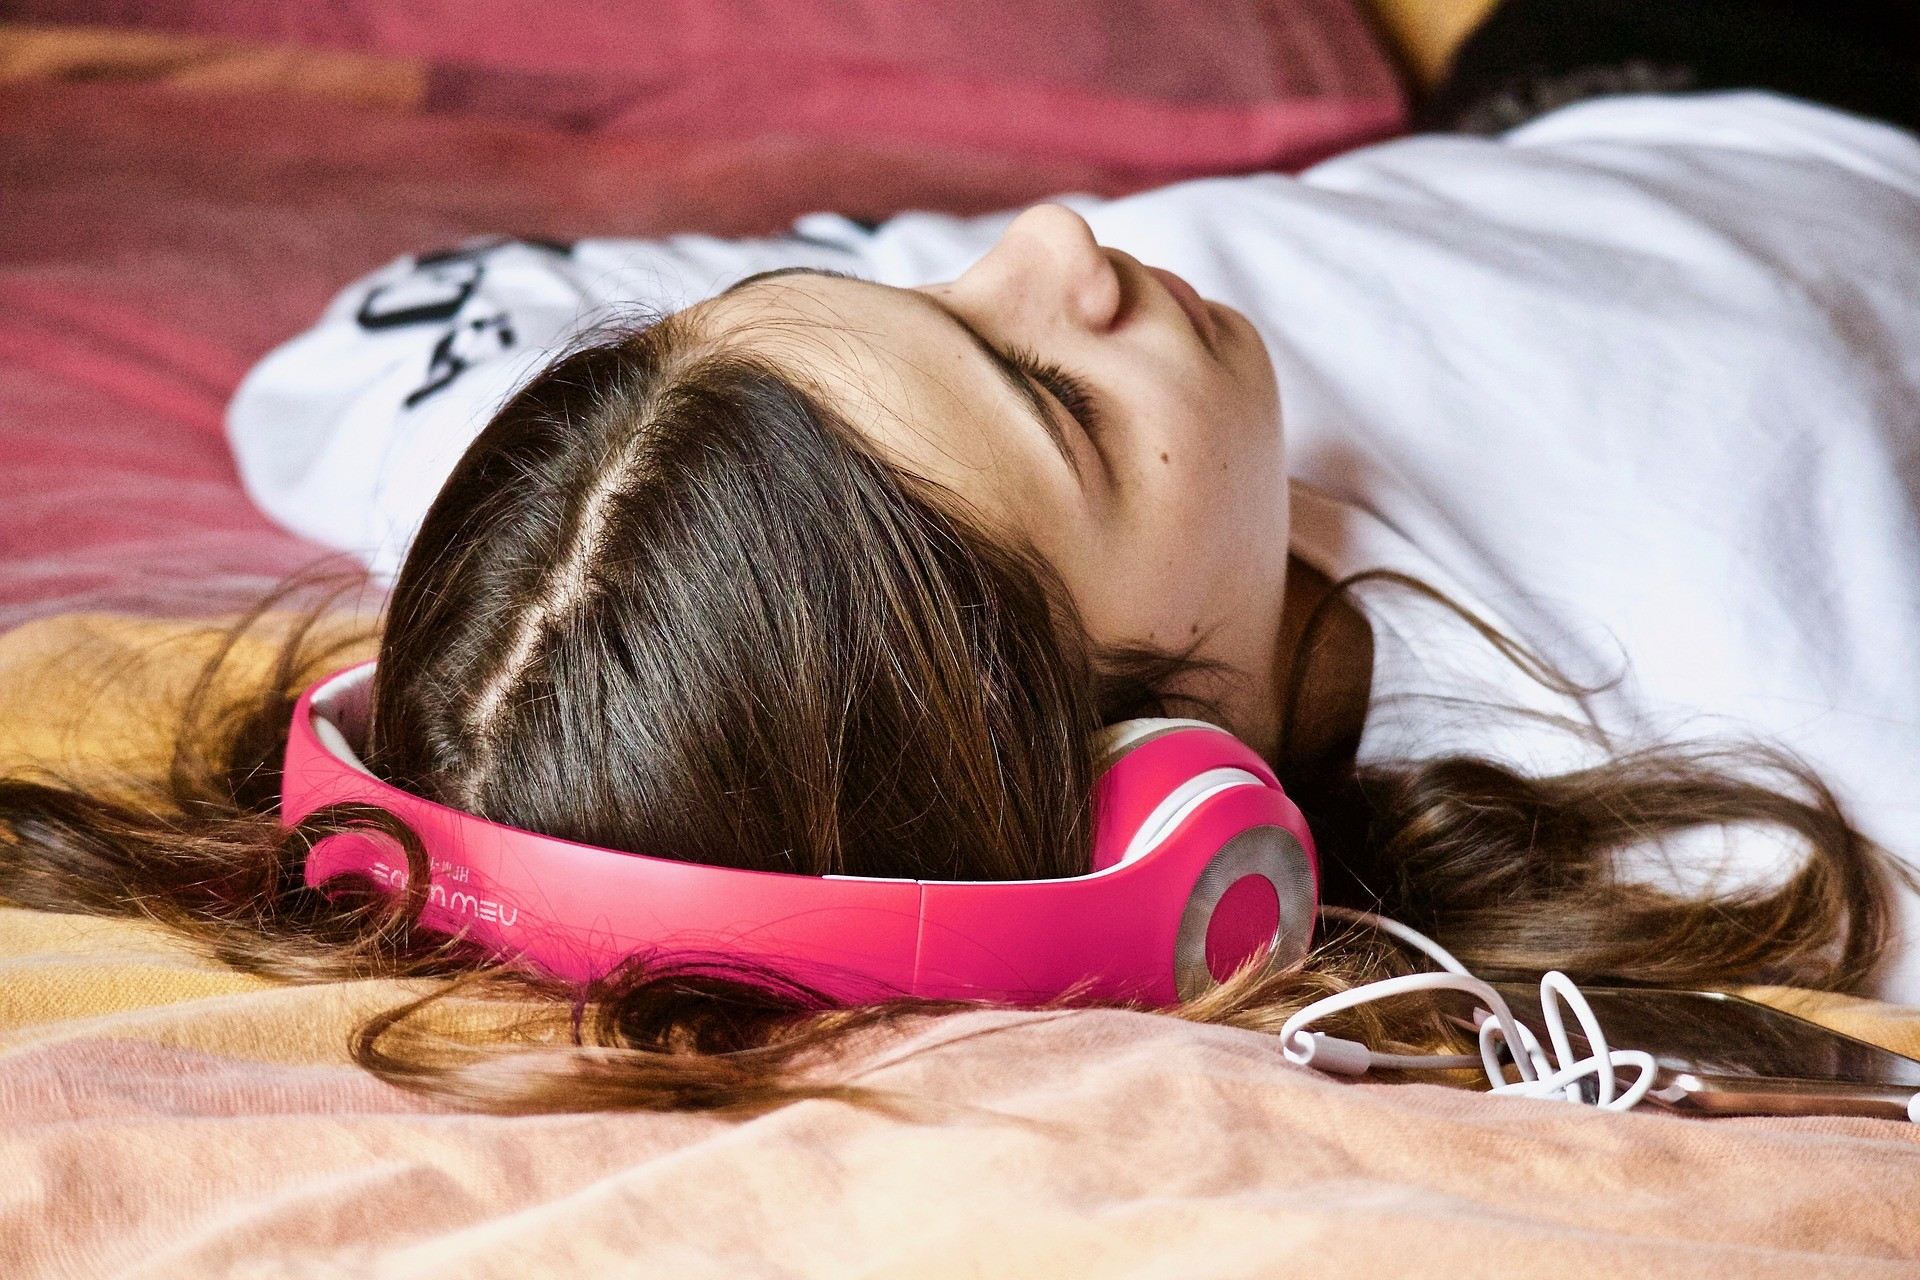 Как музыка влияет на наш организм и настроение?